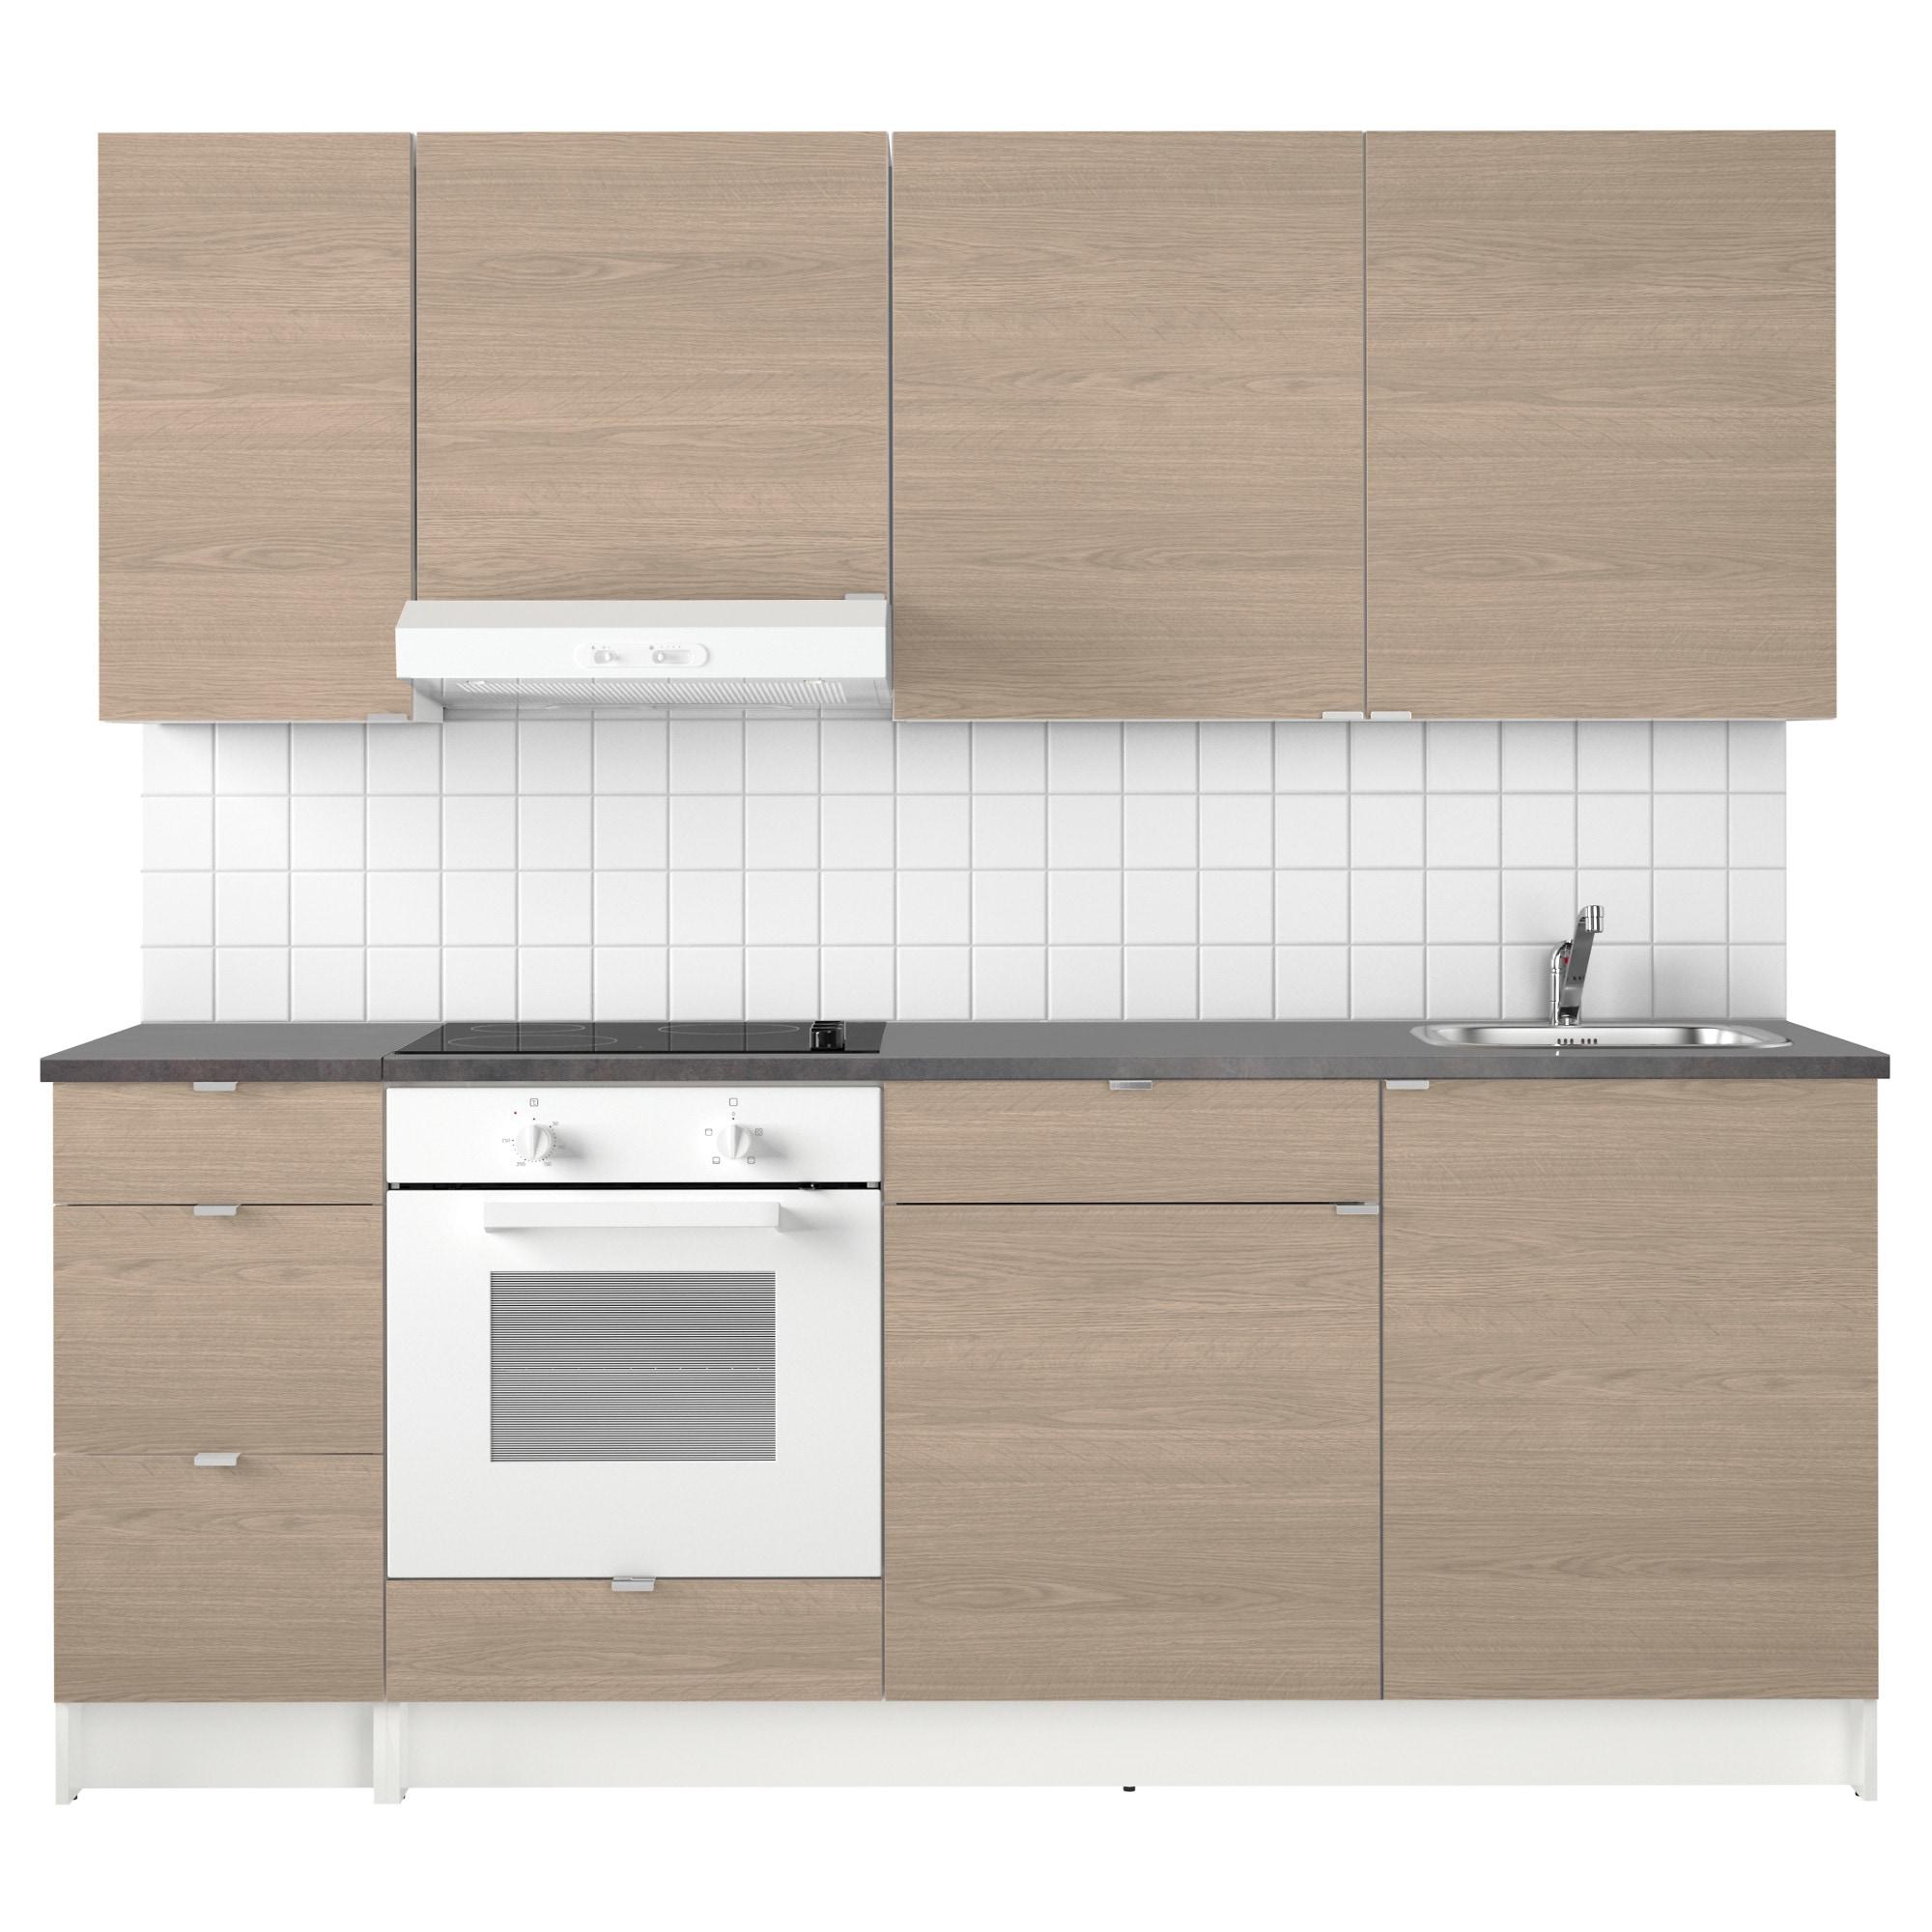 Full Size of Miniküchen Ikea Küche Kosten Modulküche Betten 160x200 Sofa Mit Schlaffunktion Miniküche Bei Kaufen Wohnzimmer Miniküchen Ikea